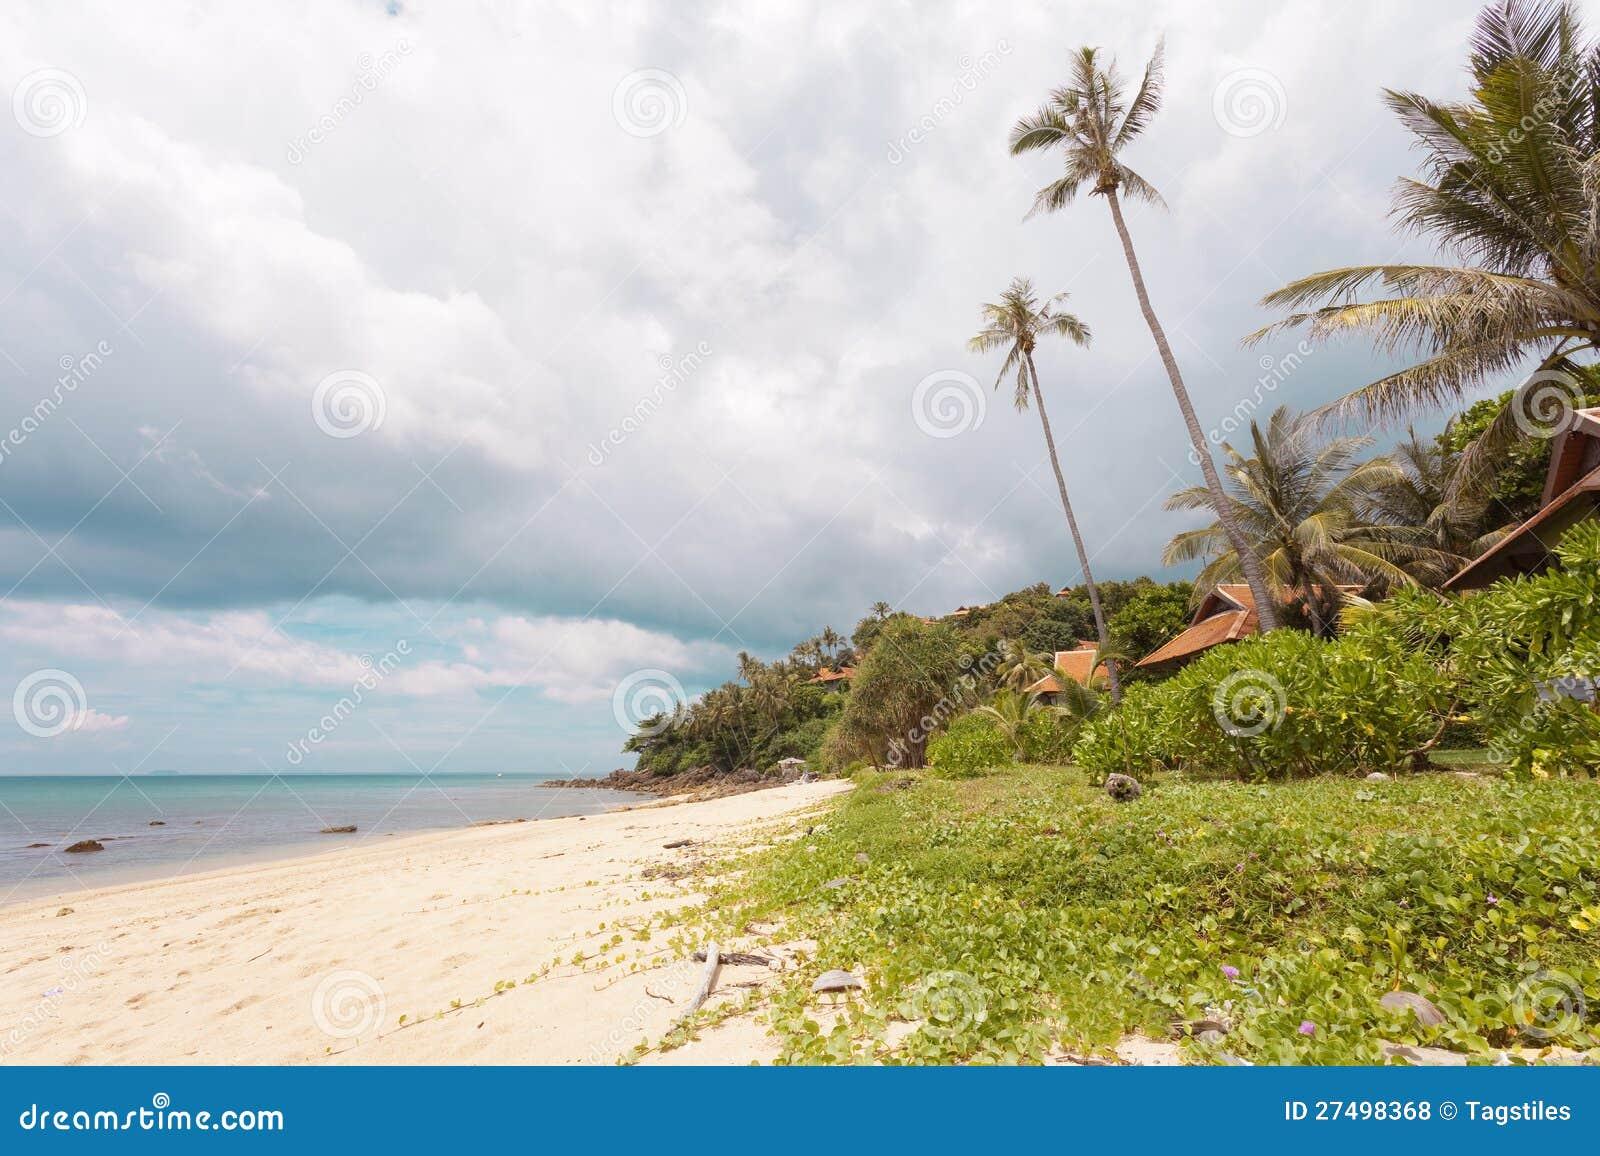 Download Ko Lanta - Thailand stockfoto. Bild von sandig, feiertage - 27498368